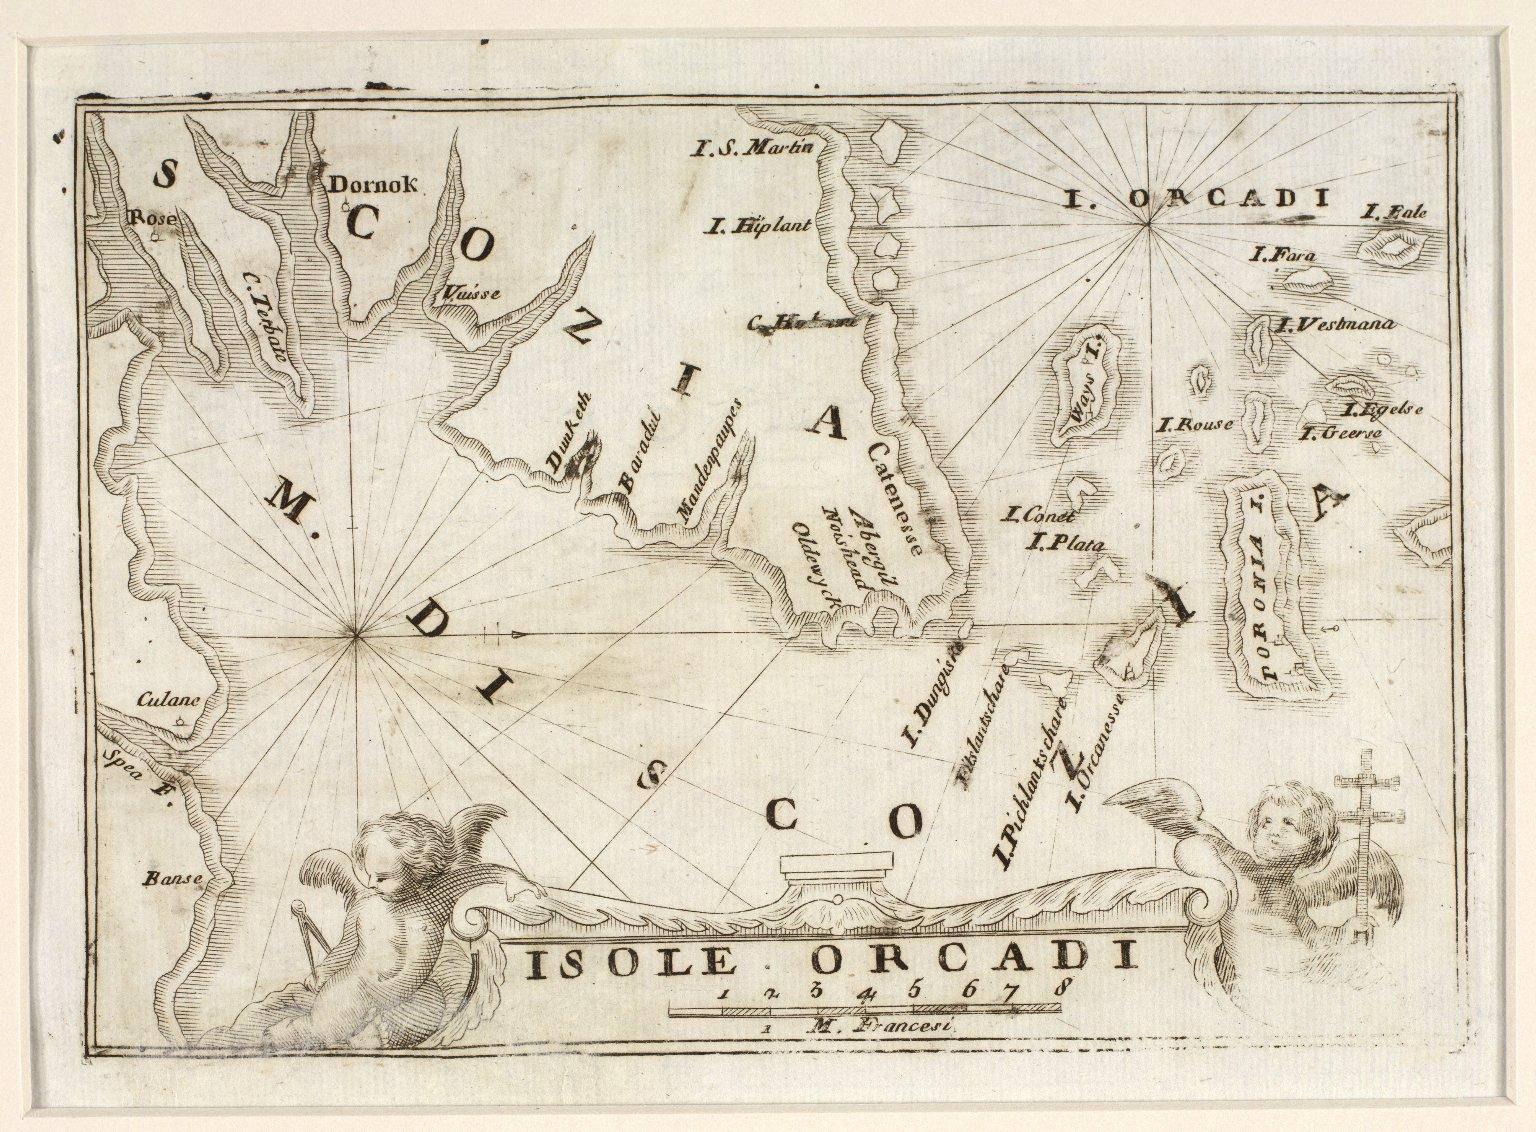 Isole Orcadi. [1 of 1]